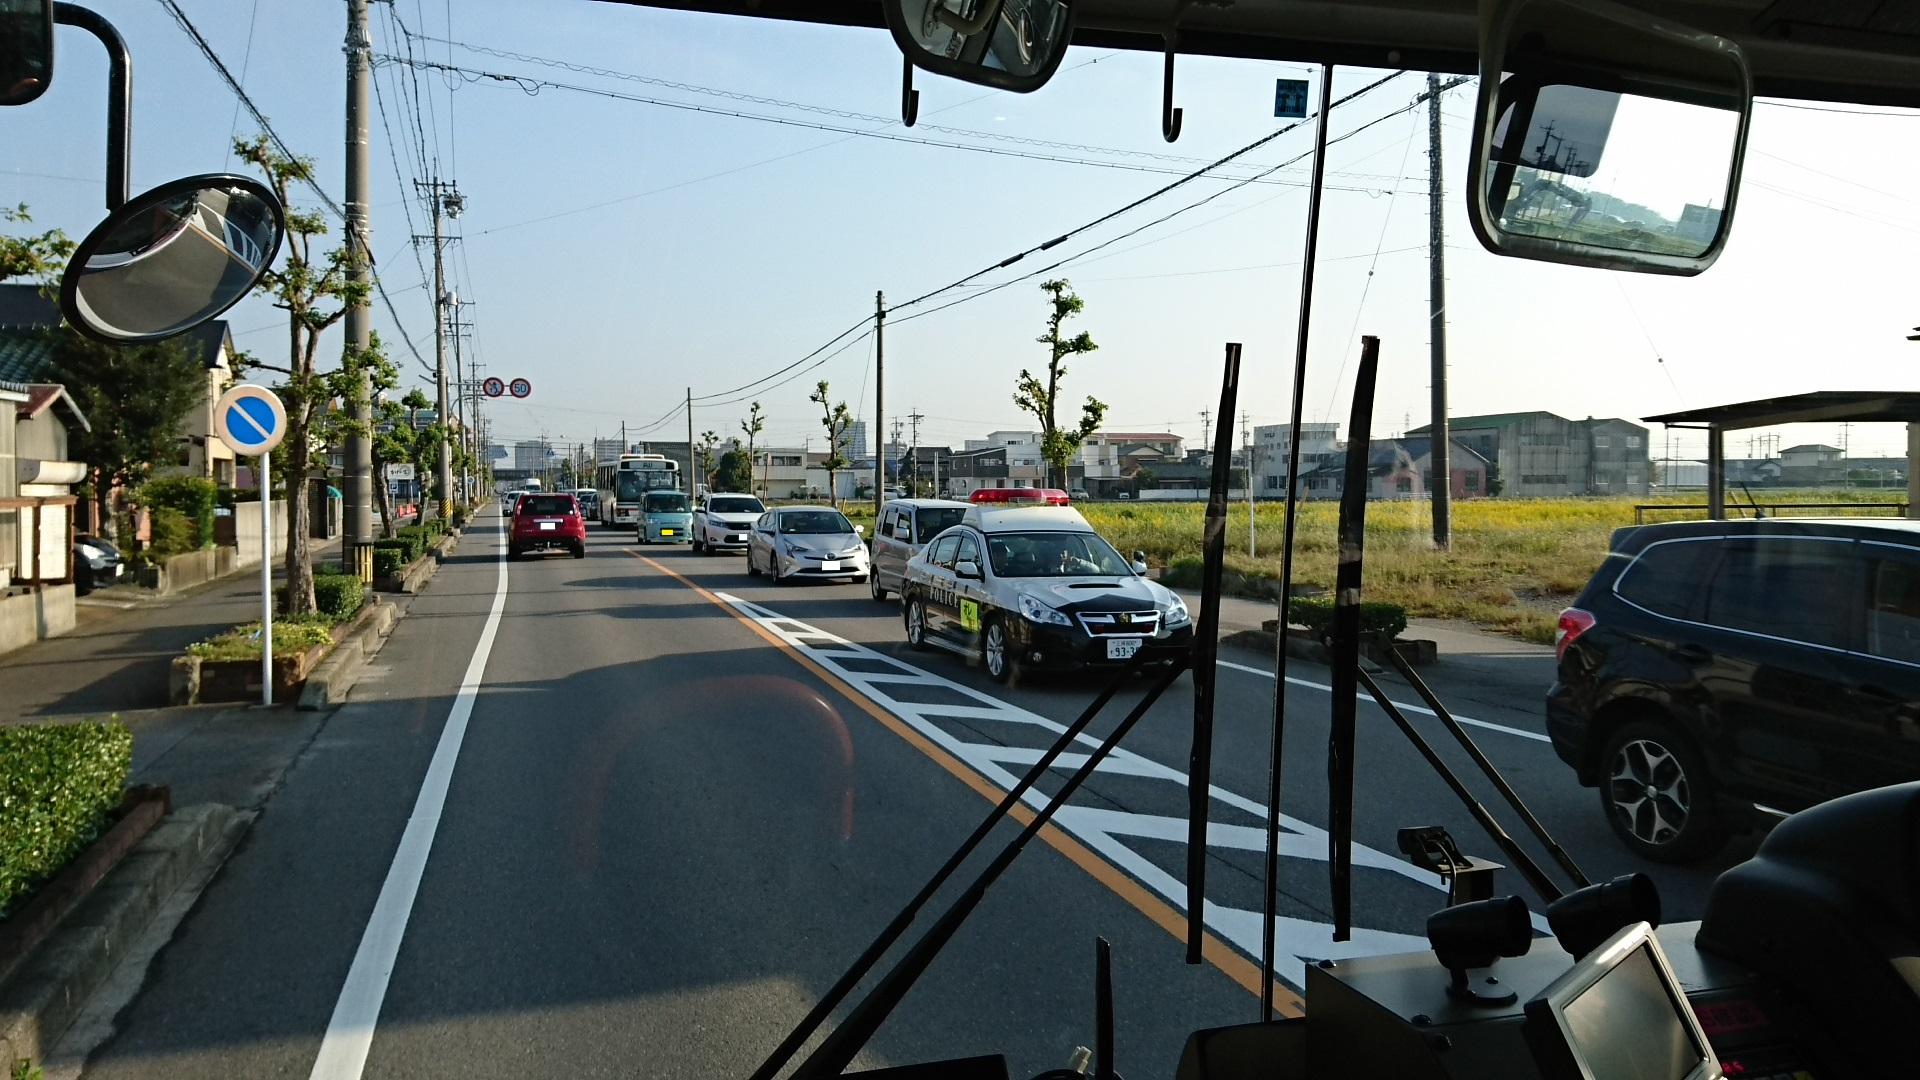 2016.10.20 (5) 名鉄バス - モアイ交差点きた 1920-1080